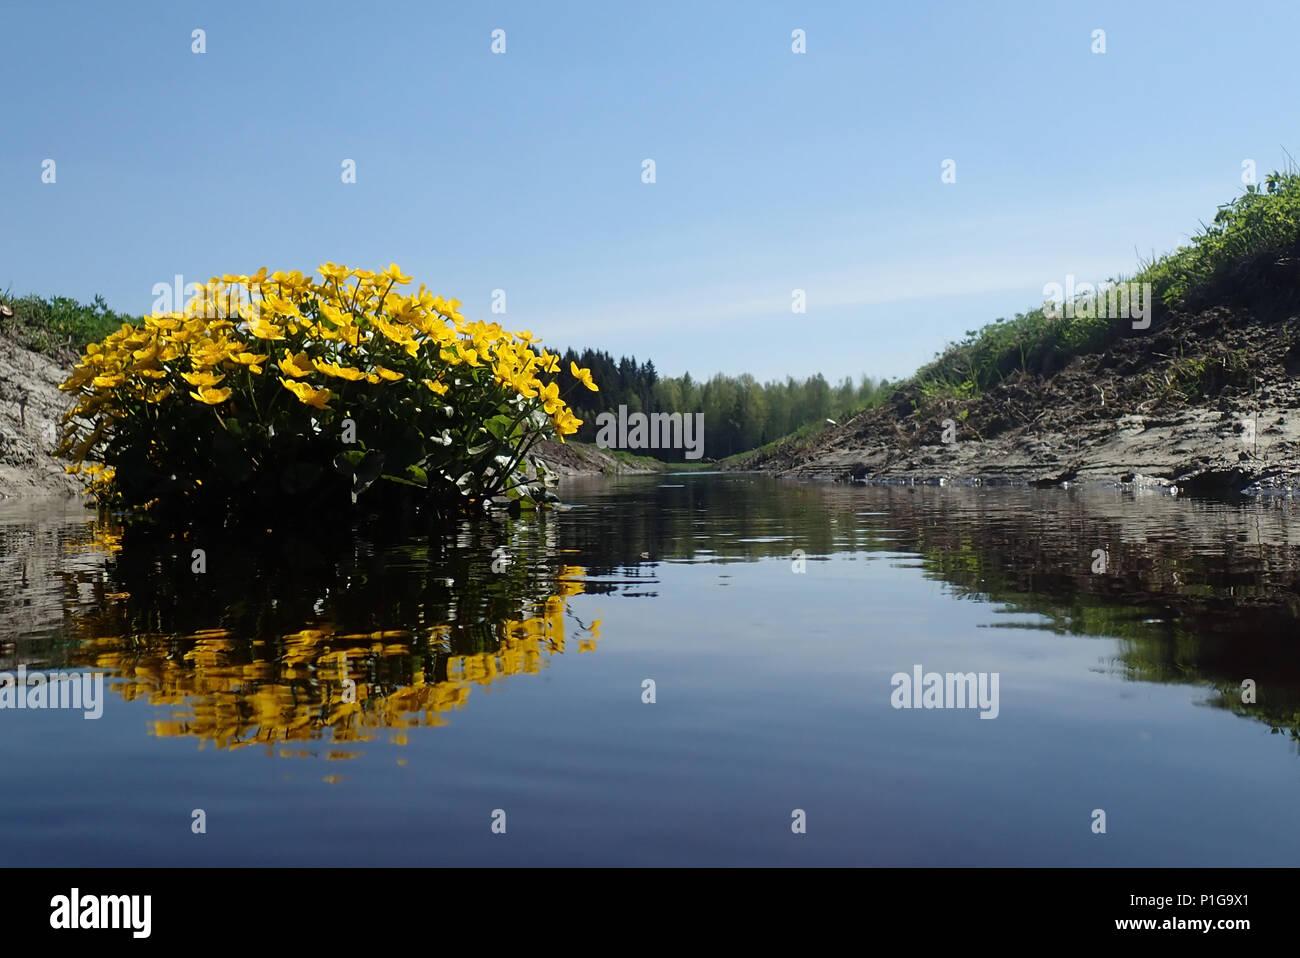 Caltha palustris and Vantaa river. Erkylä, Hausjärvi, Finland. - Stock Image